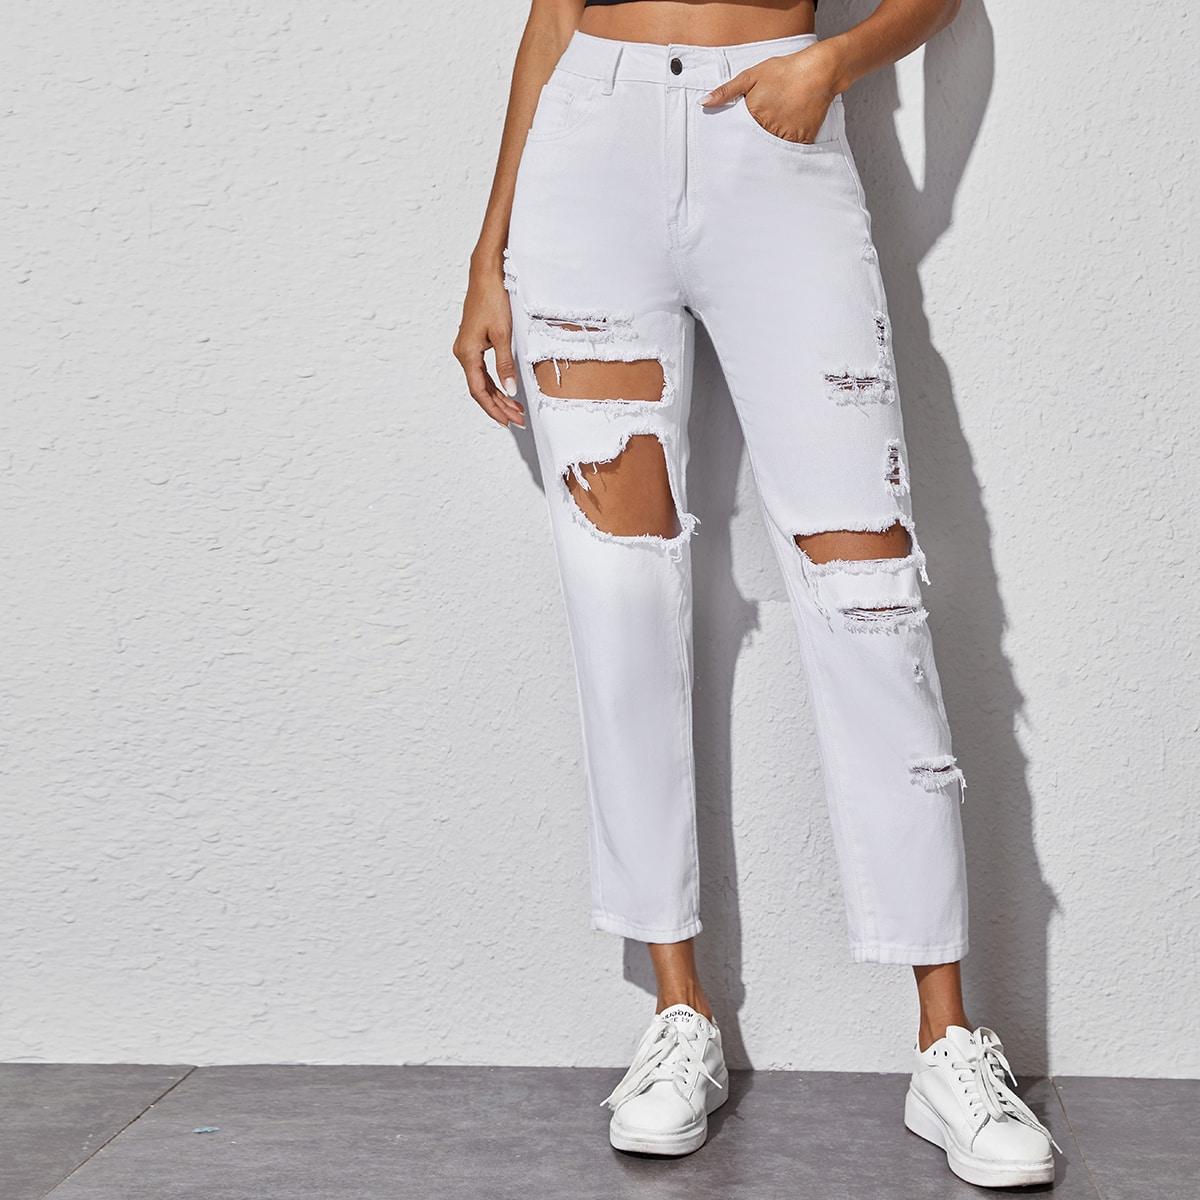 Рваные короткие джинсы без пояса